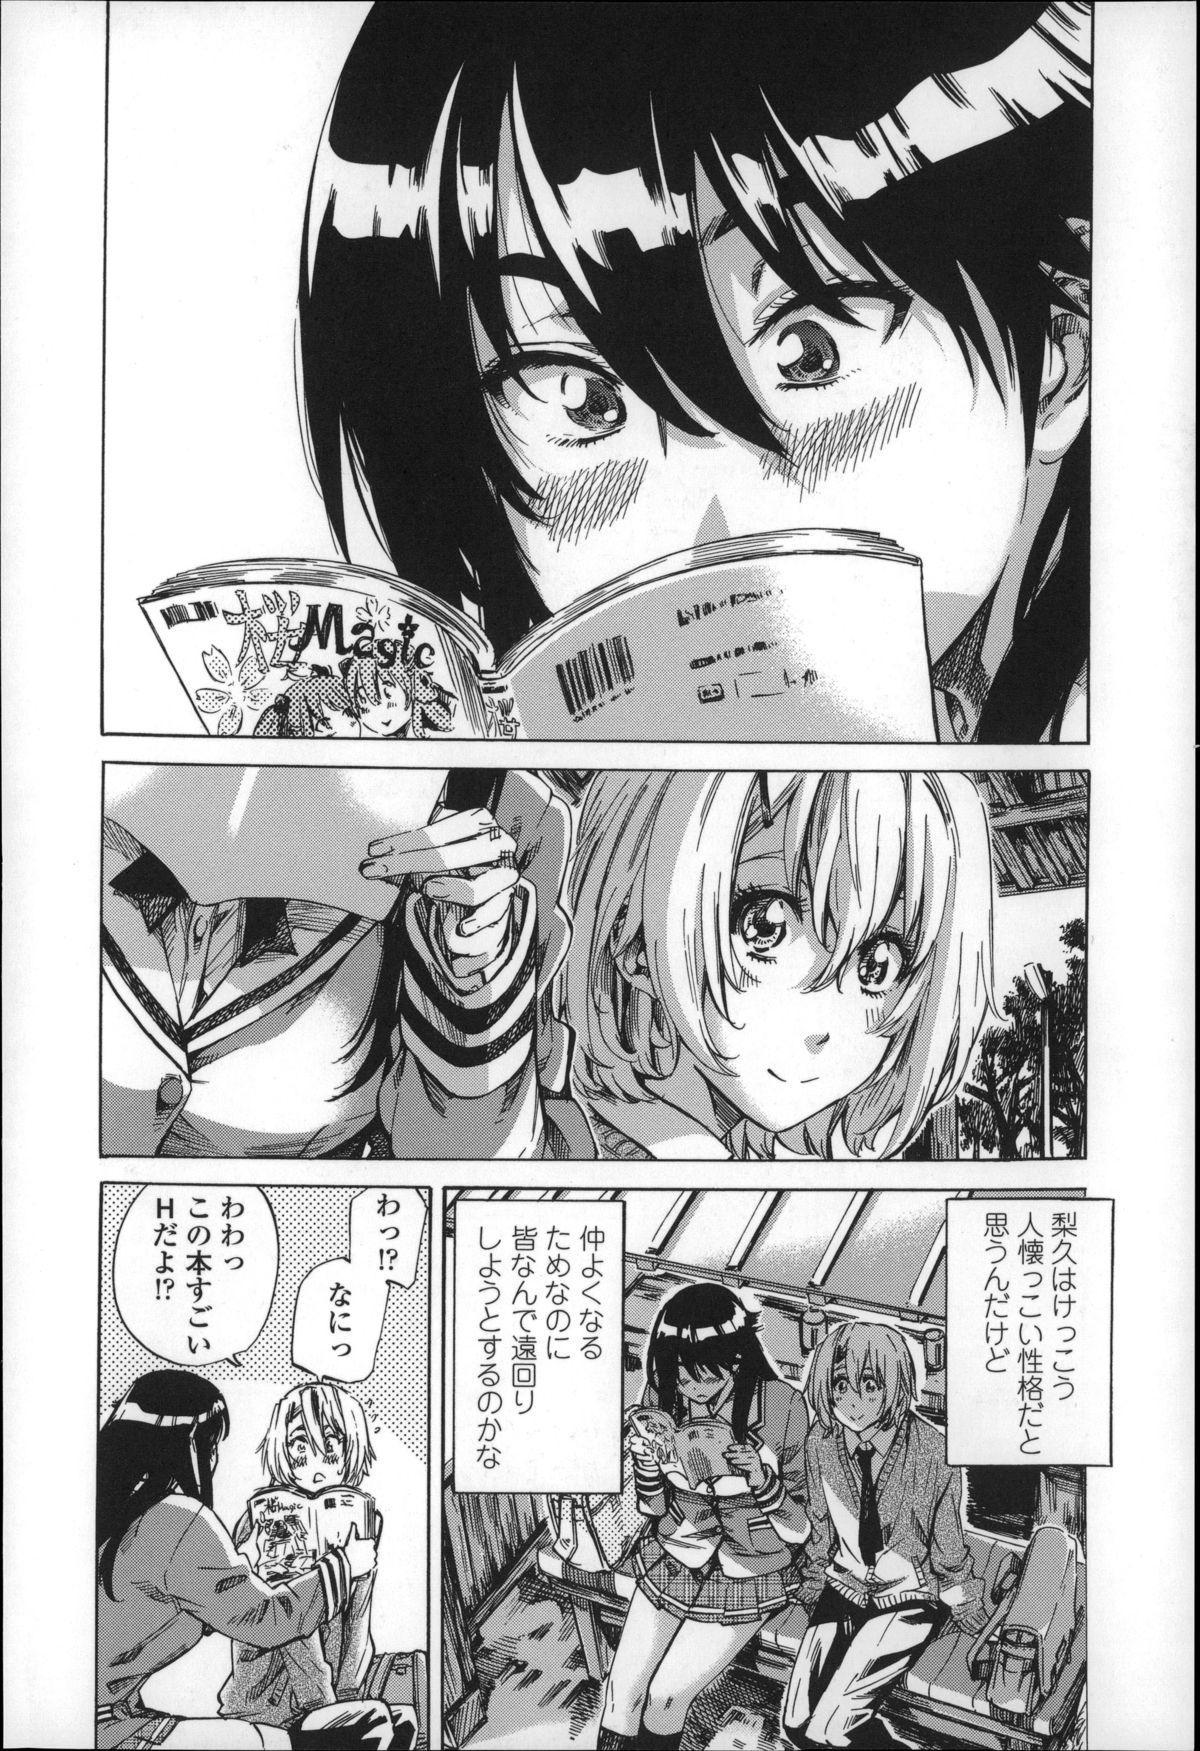 Choushin de Mukuchi no Kanojo ga Hatsujou Shite Kitara Eroiyo ne? 11